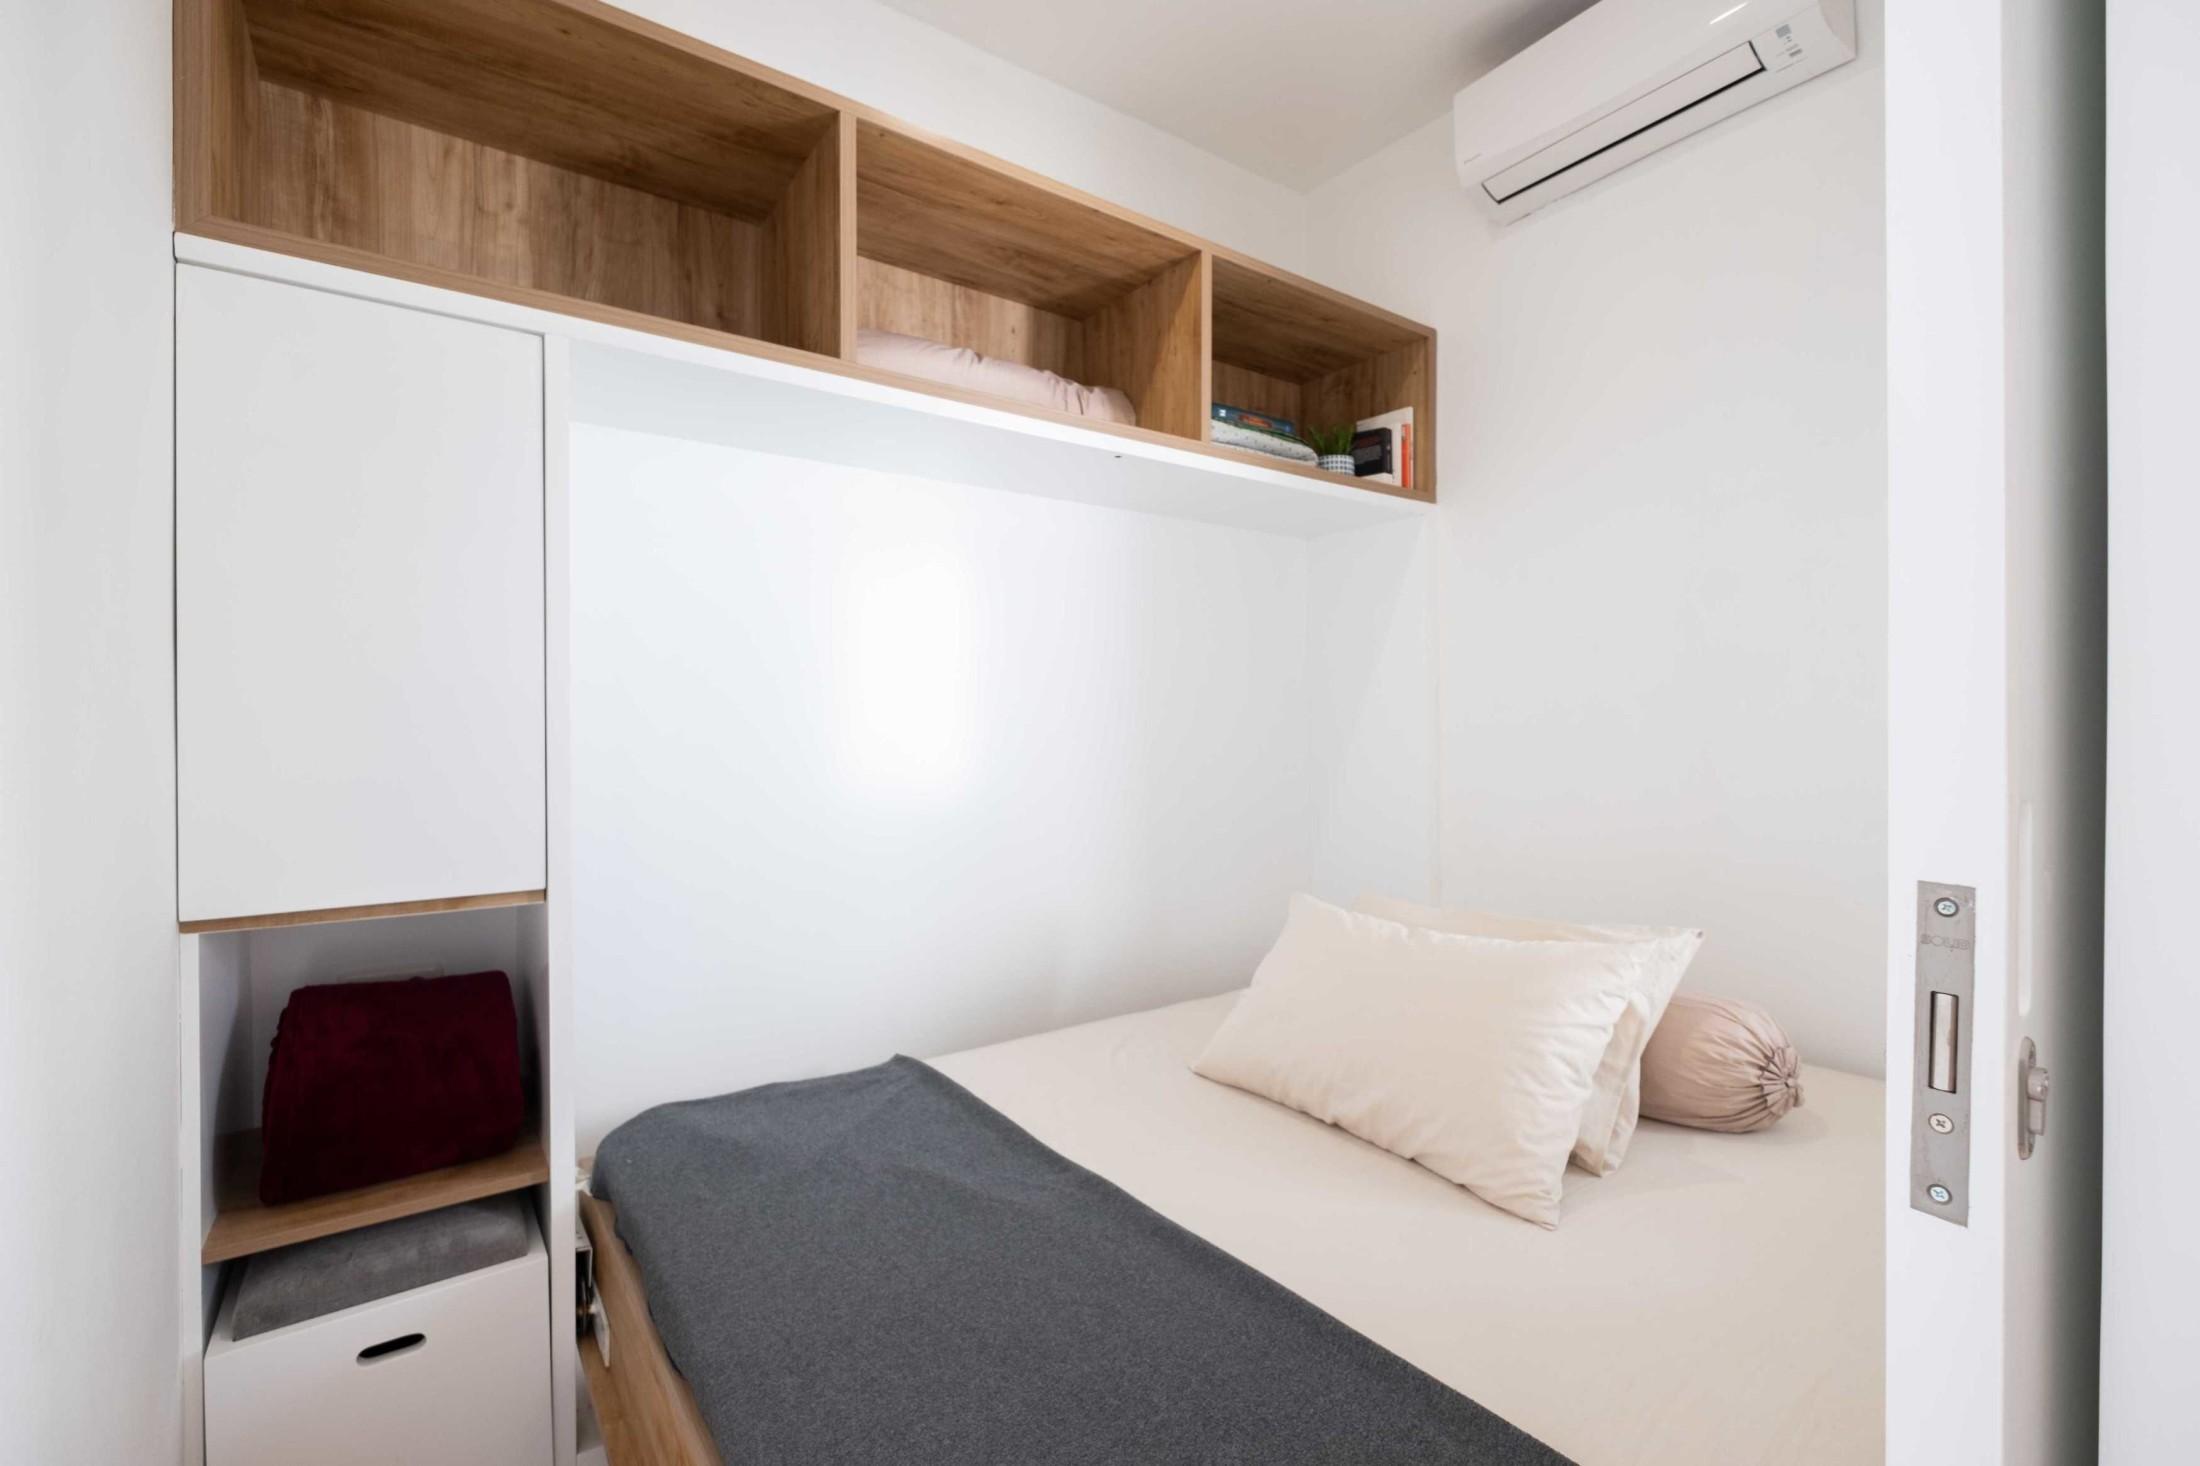 Saat tiba waktunya tidur, meja belajar itu berubah menjadi tempat tidur. Ternyata, ada sebuah murphy bed dengan engsel terkait pada rak dan dinding pengapitnya.